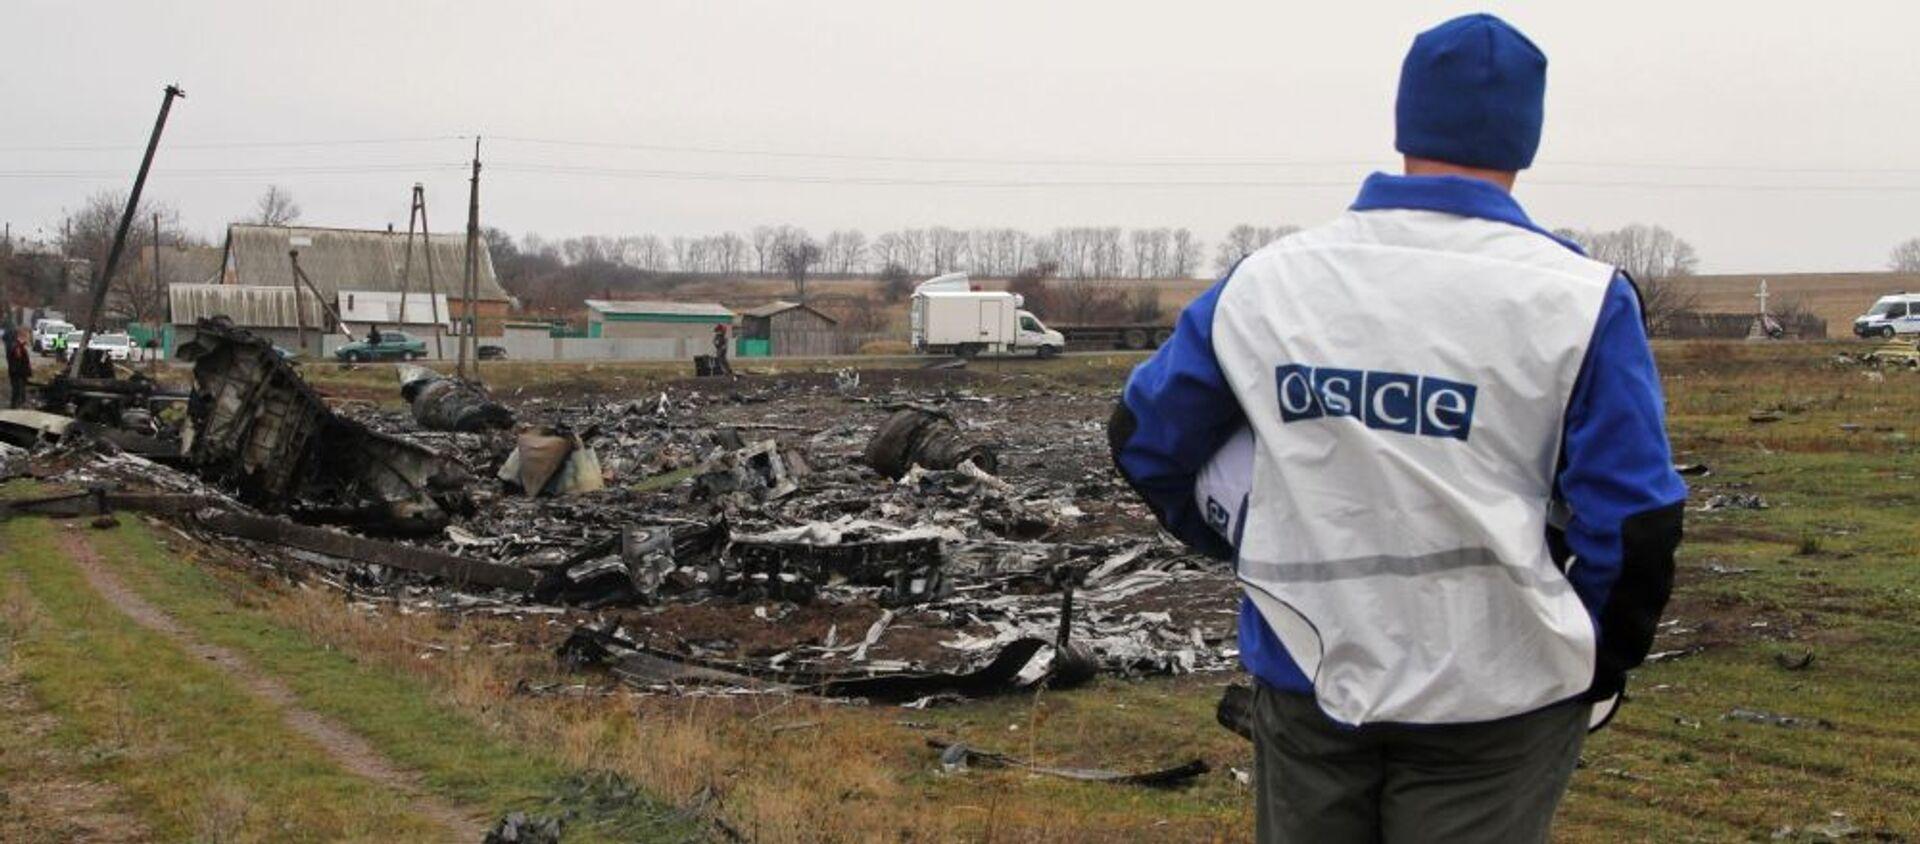 Katastrofa MH17 nad Donbasem  - Sputnik Polska, 1920, 06.02.2021